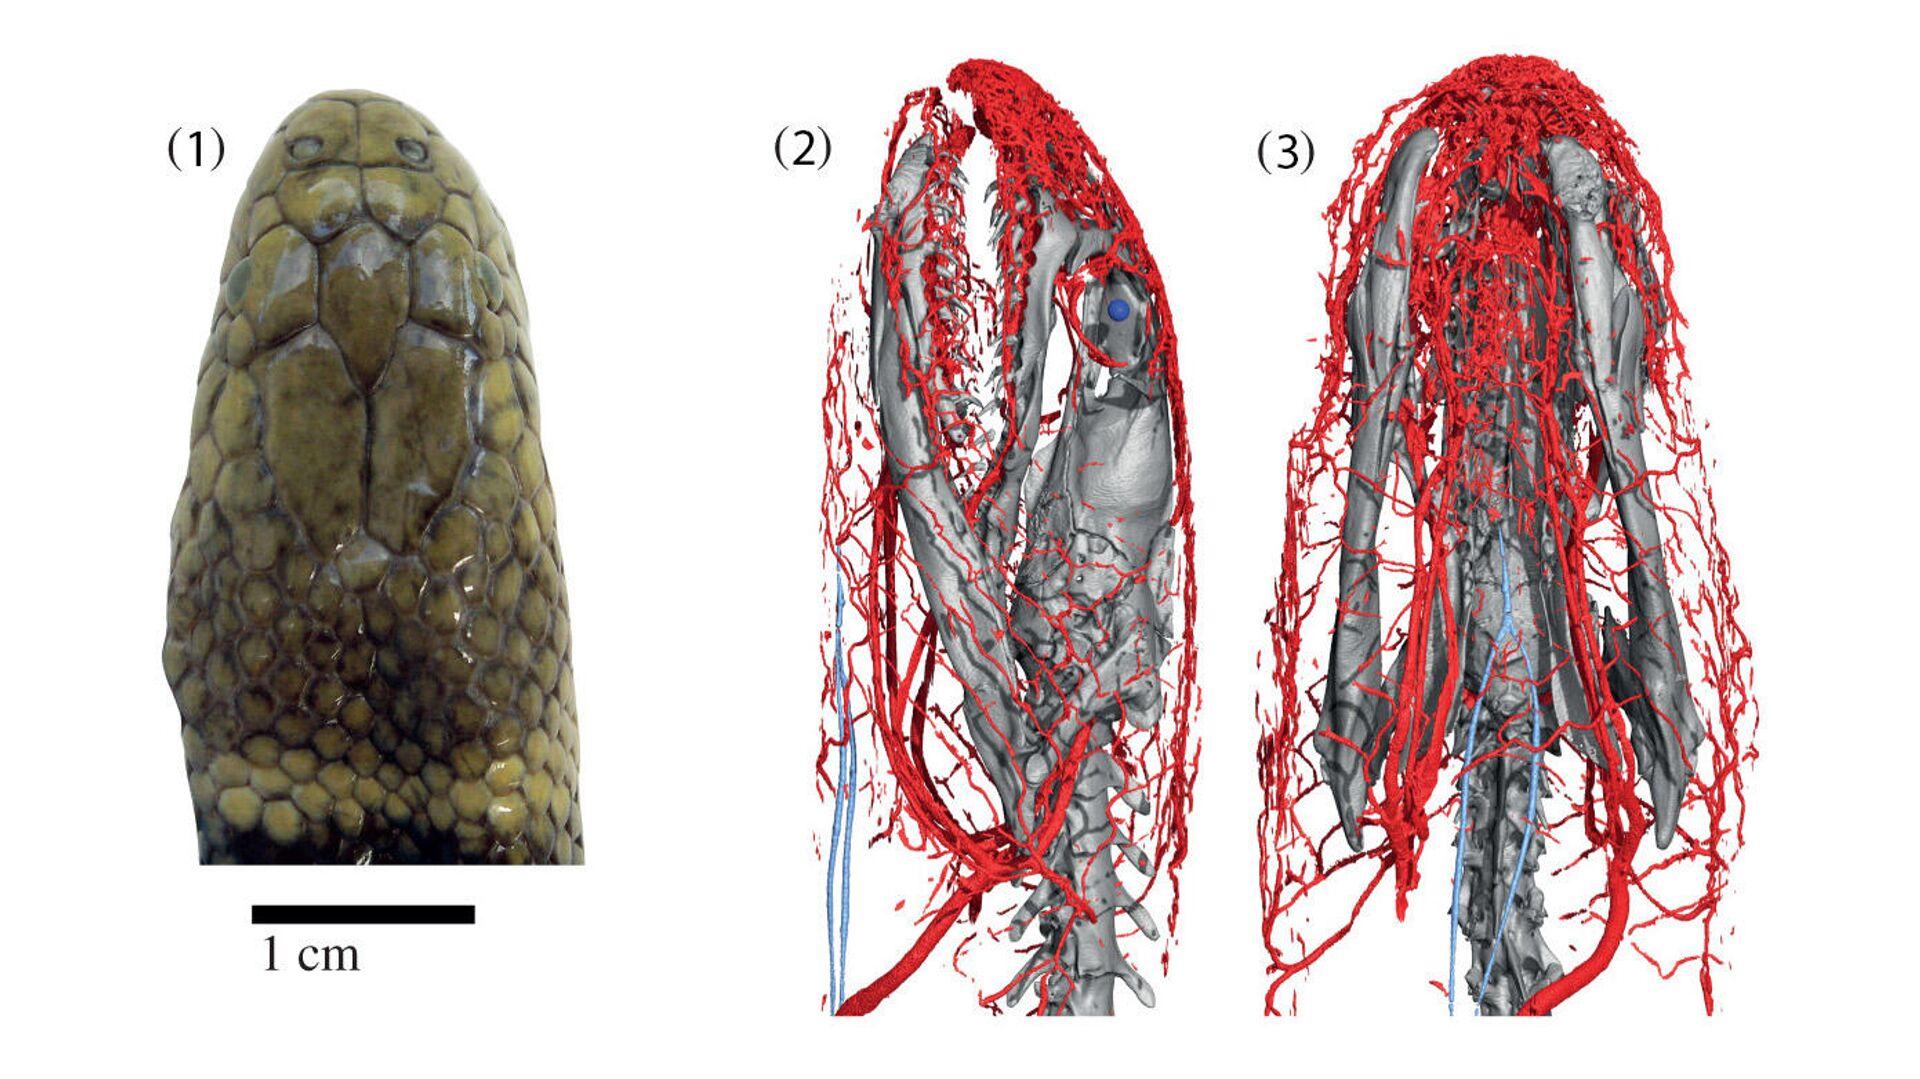 Голова змеи Hydrophis cyanocinctus (синяя морская змея) и ее кровеносные сосуды - РИА Новости, 1920, 24.09.2021